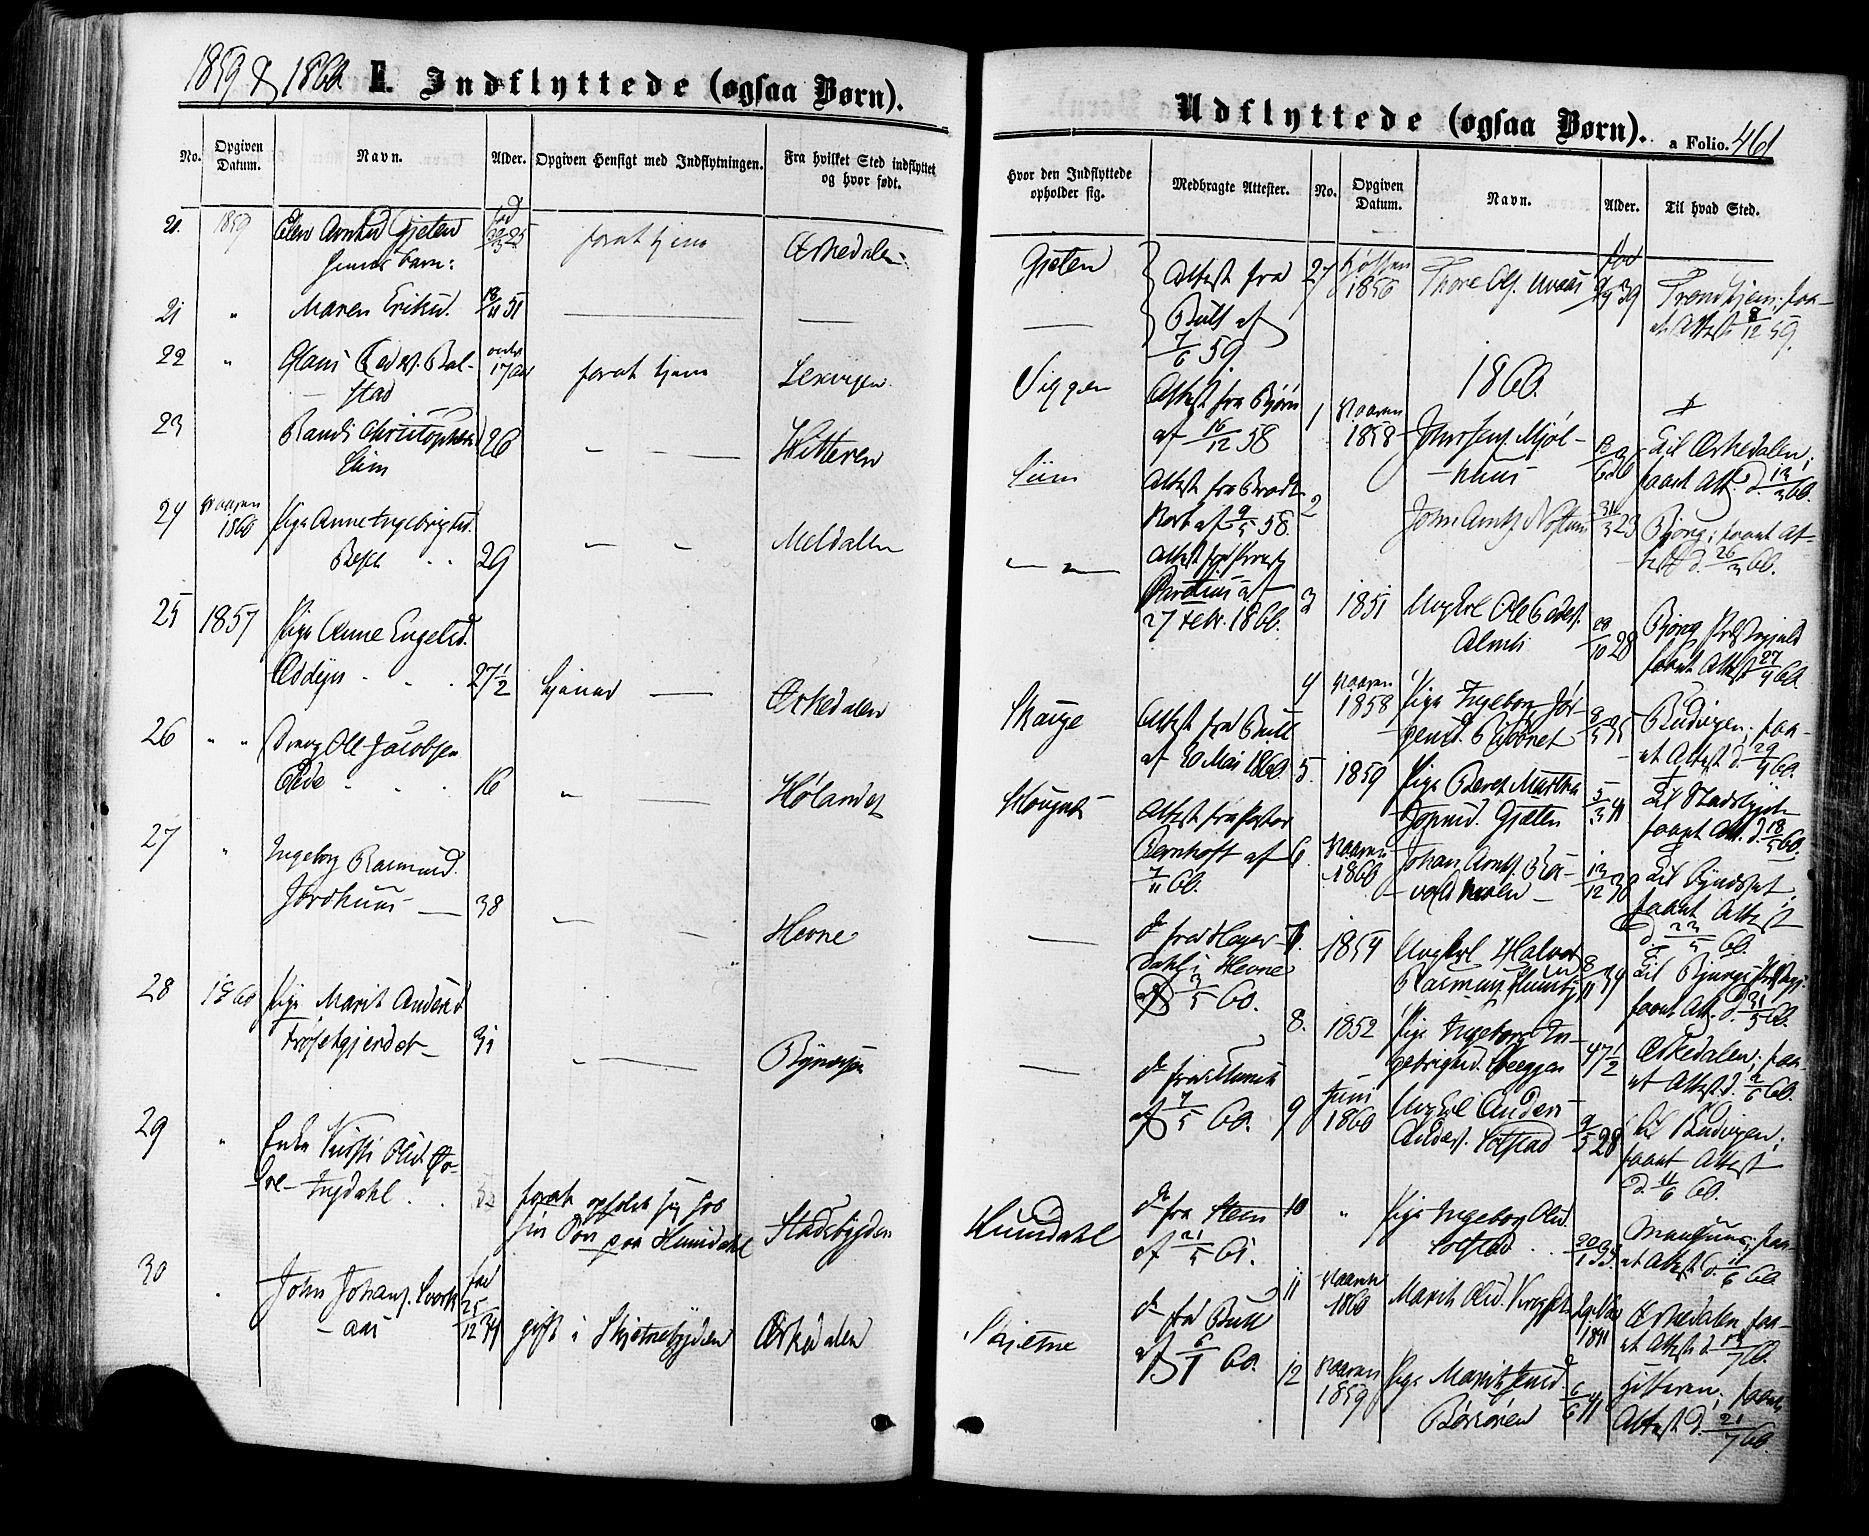 SAT, Ministerialprotokoller, klokkerbøker og fødselsregistre - Sør-Trøndelag, 665/L0772: Ministerialbok nr. 665A07, 1856-1878, s. 461